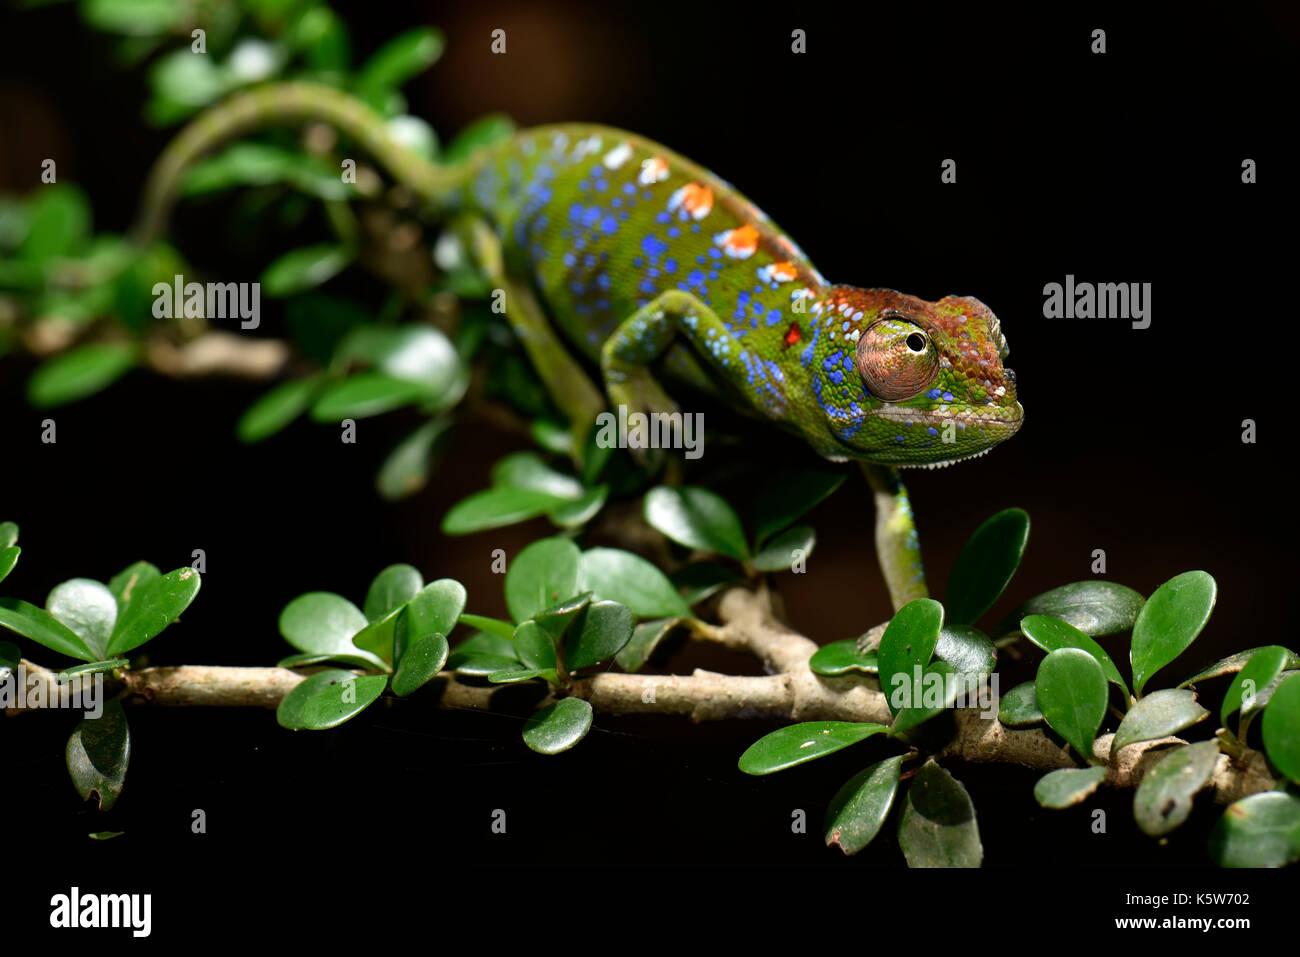 De curta duração chameleon espécies do mundo (furcifer labordi), macho, florestas secas de kirindy, western Madagáscar, de Madagáscar Imagens de Stock